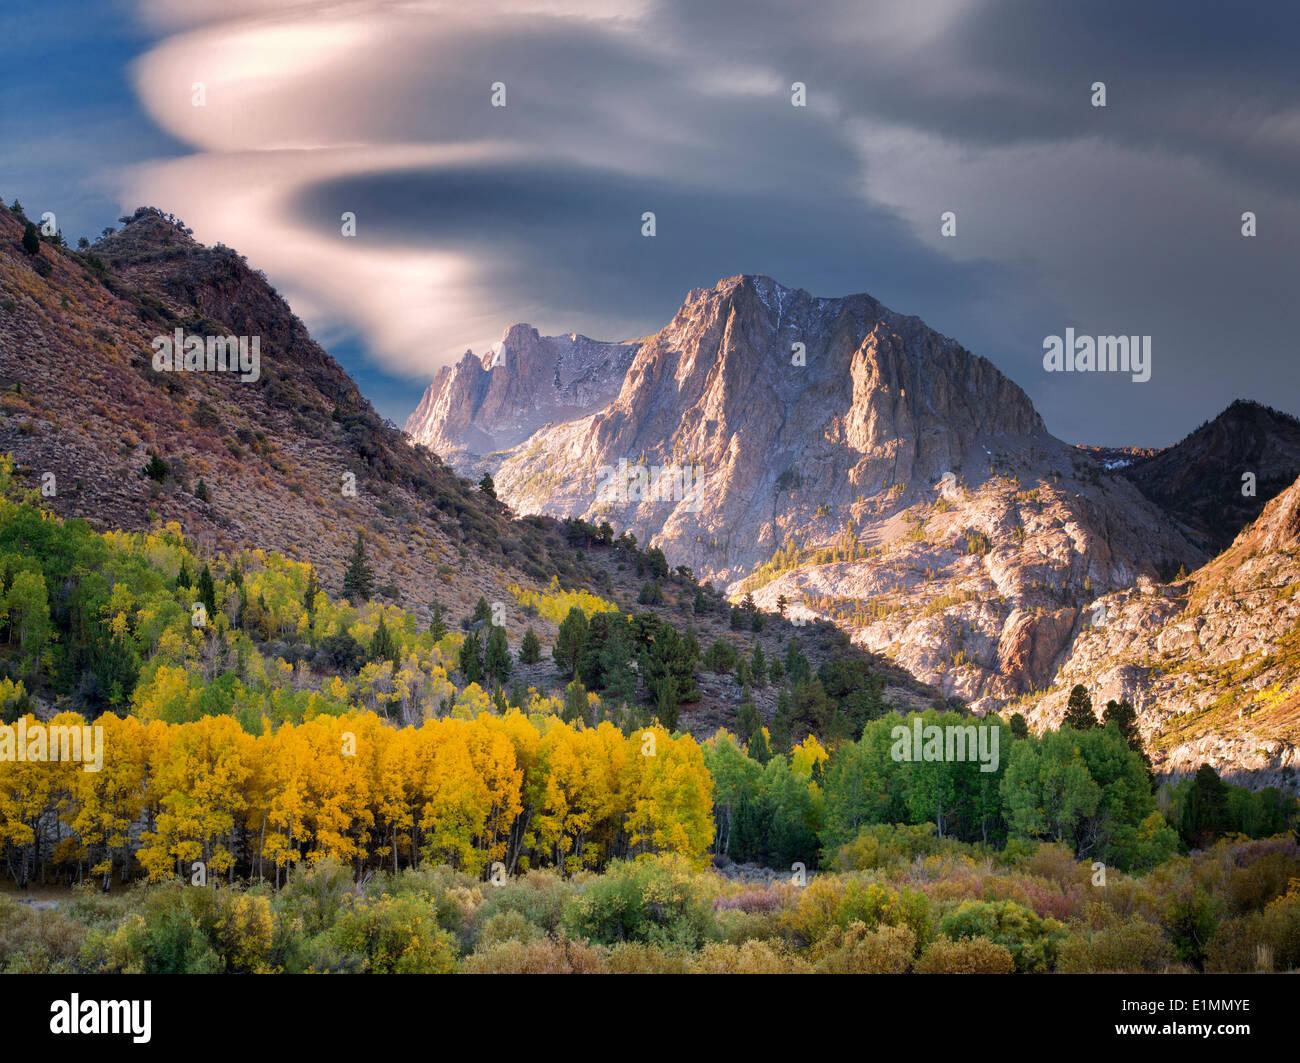 Aspen alberi in autunno a colori e le montagne intorno a giugno laghi Loop.Eastern Sierra Nevada, in California Immagini Stock